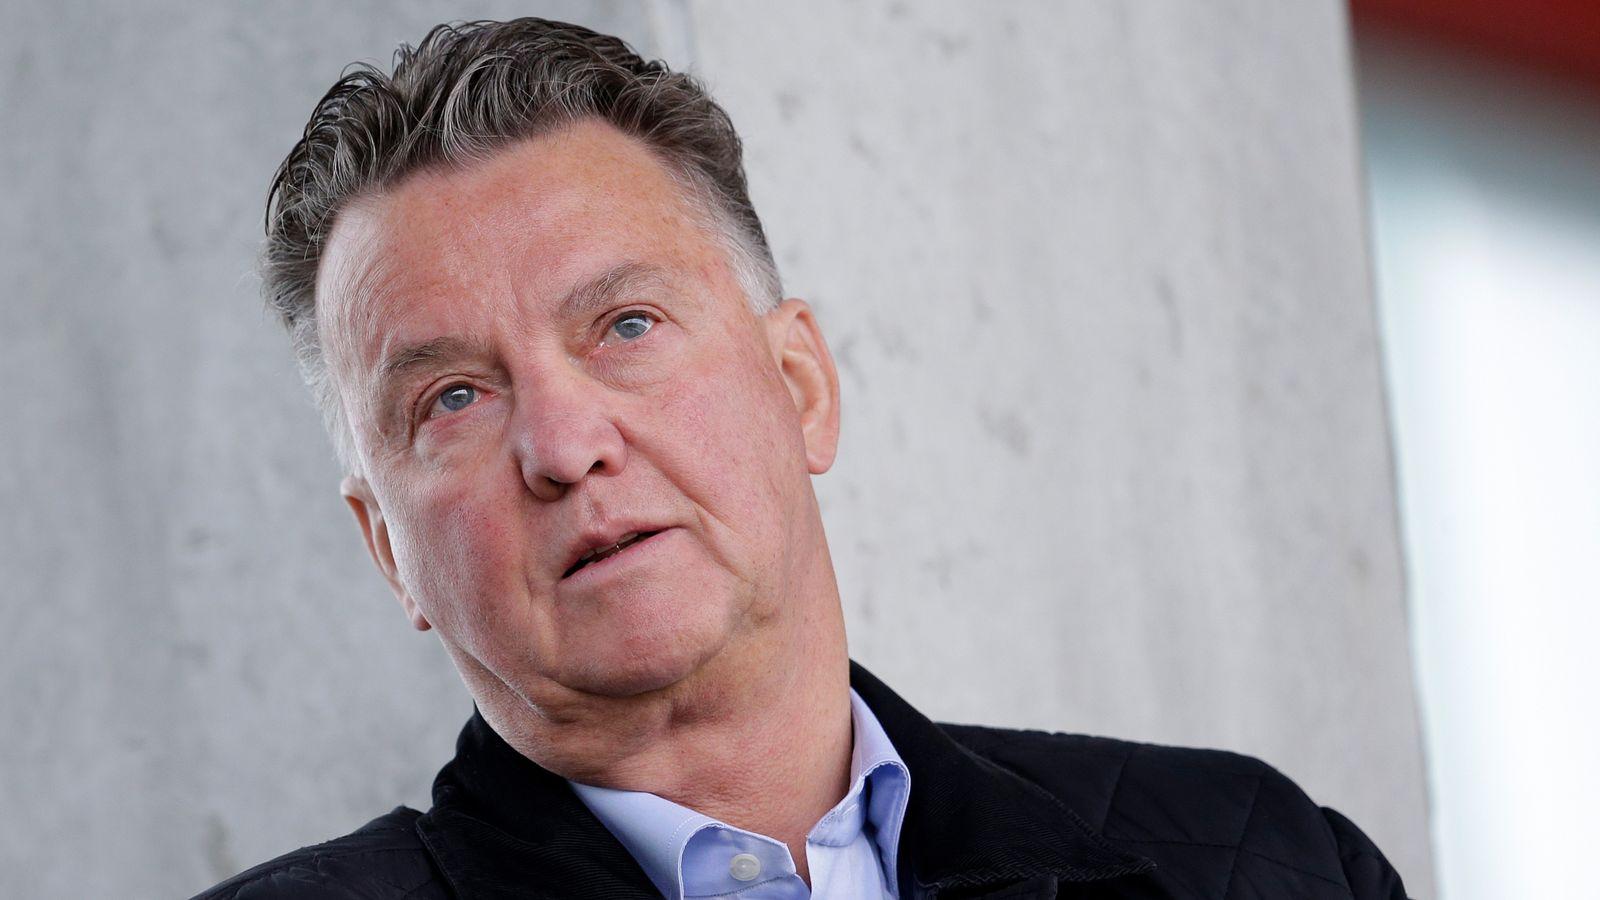 Louis van Gaal acusa a Ajax de intentar utilizar la crisis del coronavirus para su propio beneficio | Noticias de futbol 38